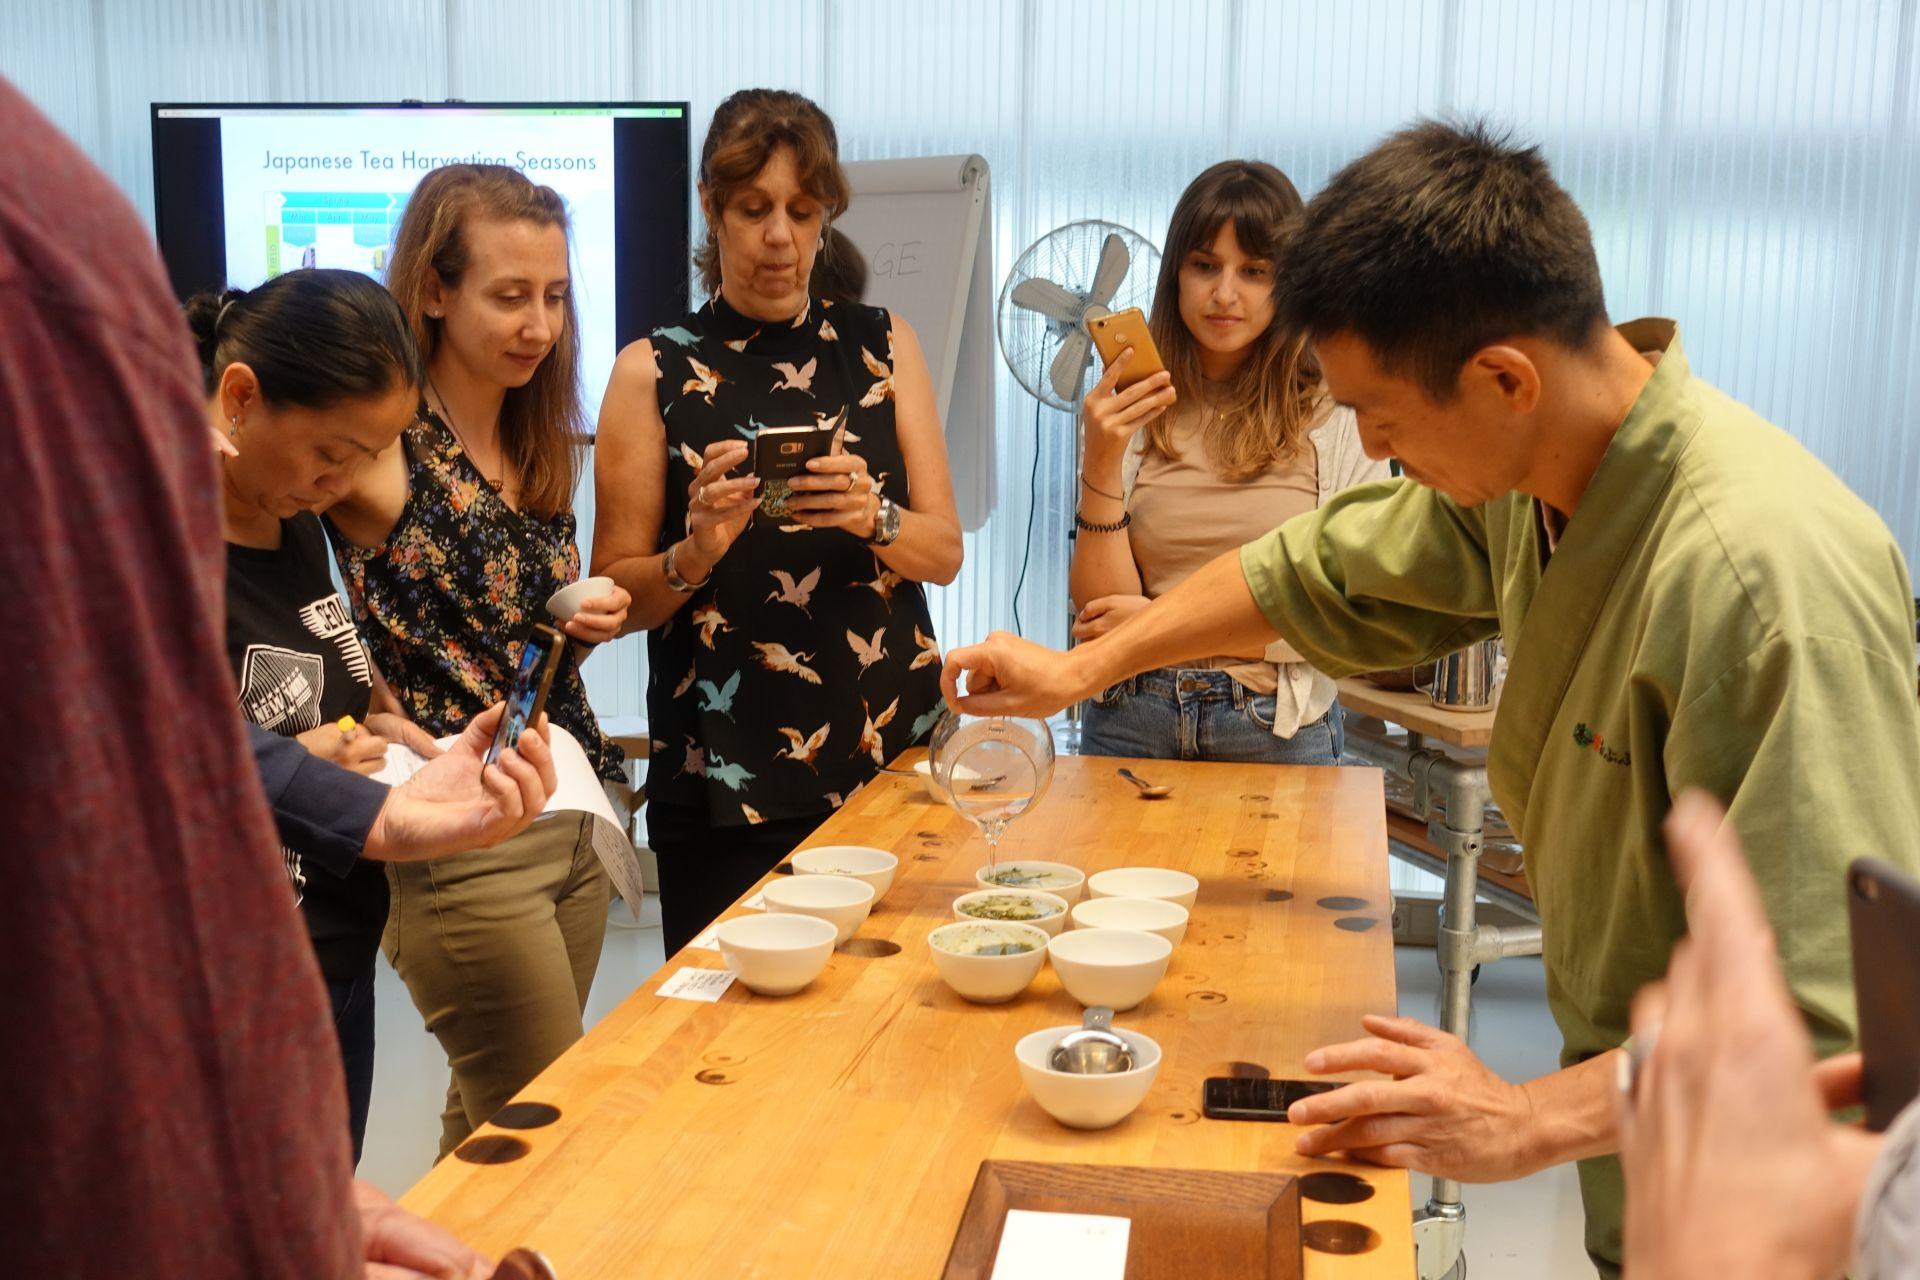 煎茶ワークショップ in ハーグ(オランダ)ITC二日目|日本茶普及海外ツアー・欧州遠征2018